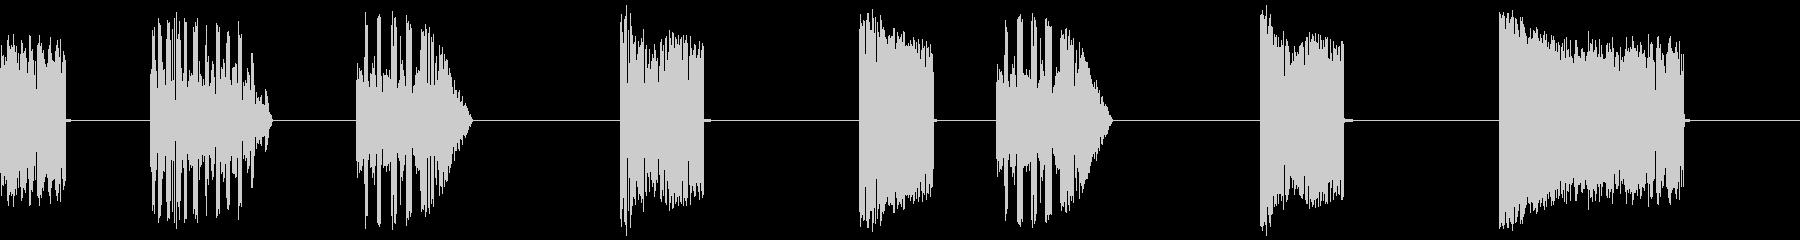 ステレオアークの未再生の波形